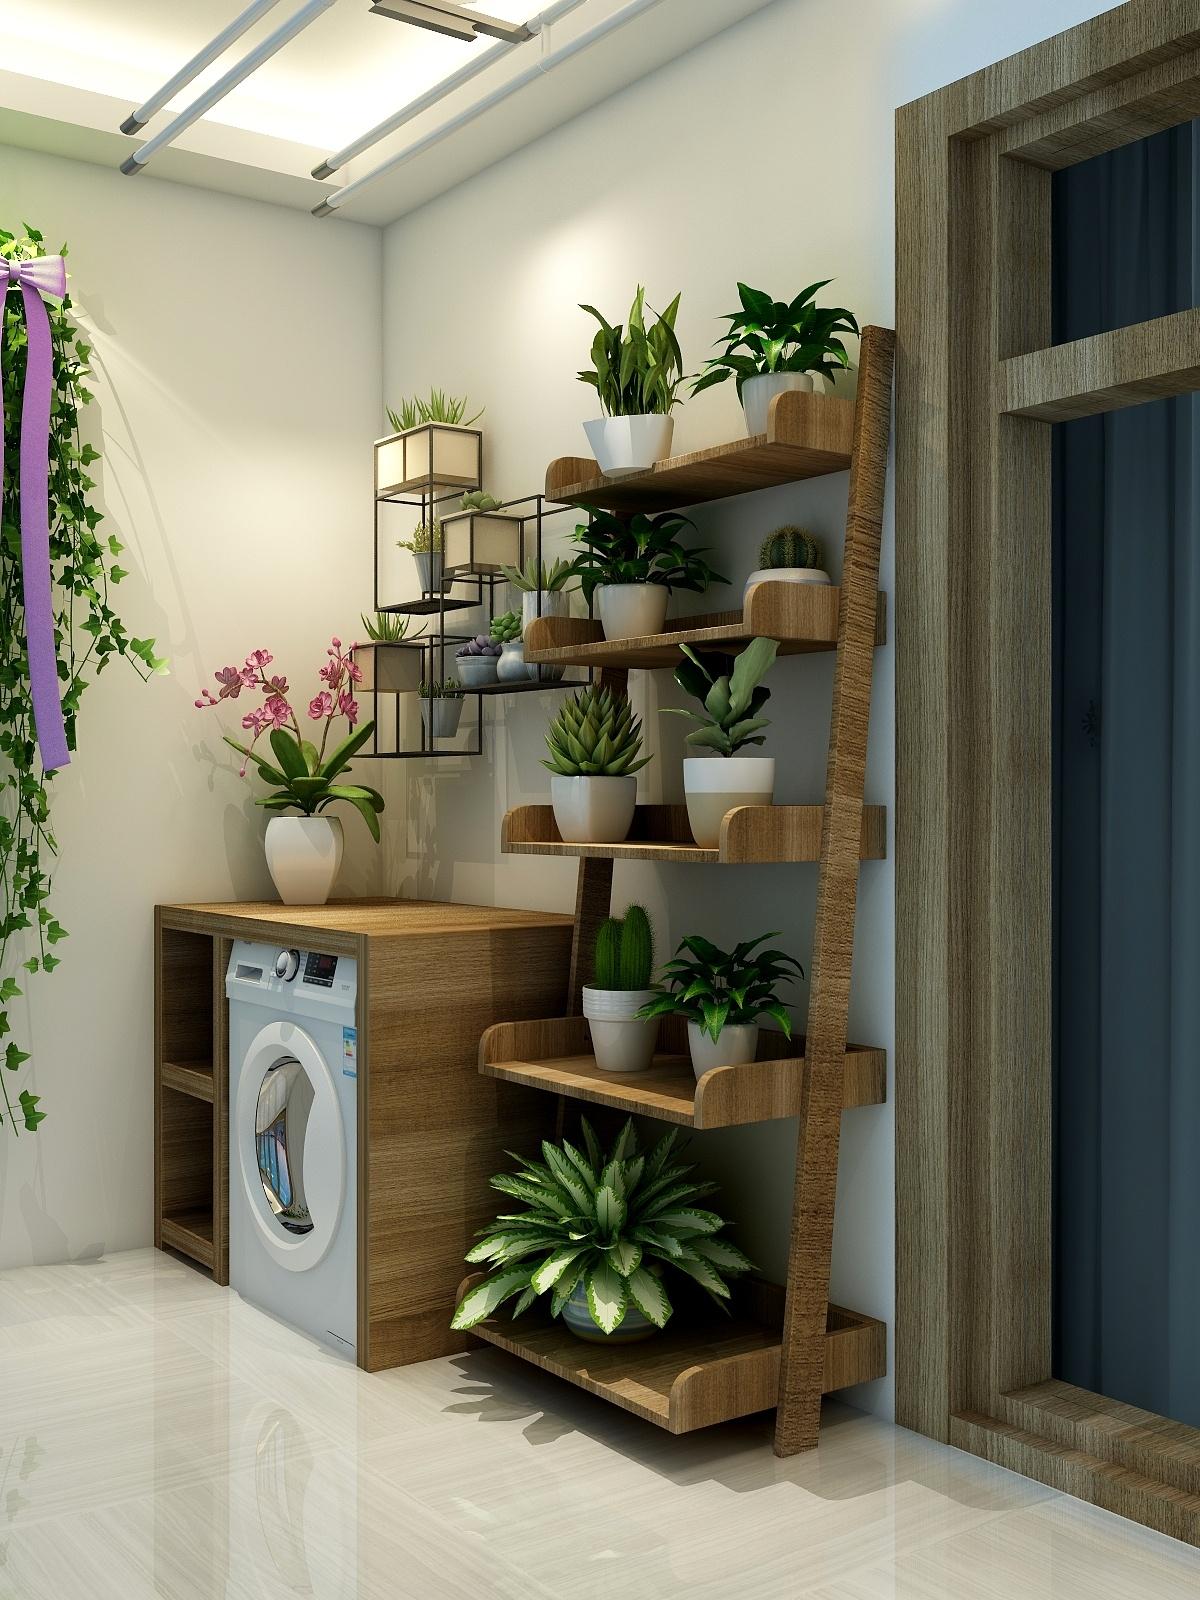 绿色植物图片来自悦嘉睿智文化在新中式效果图的分享